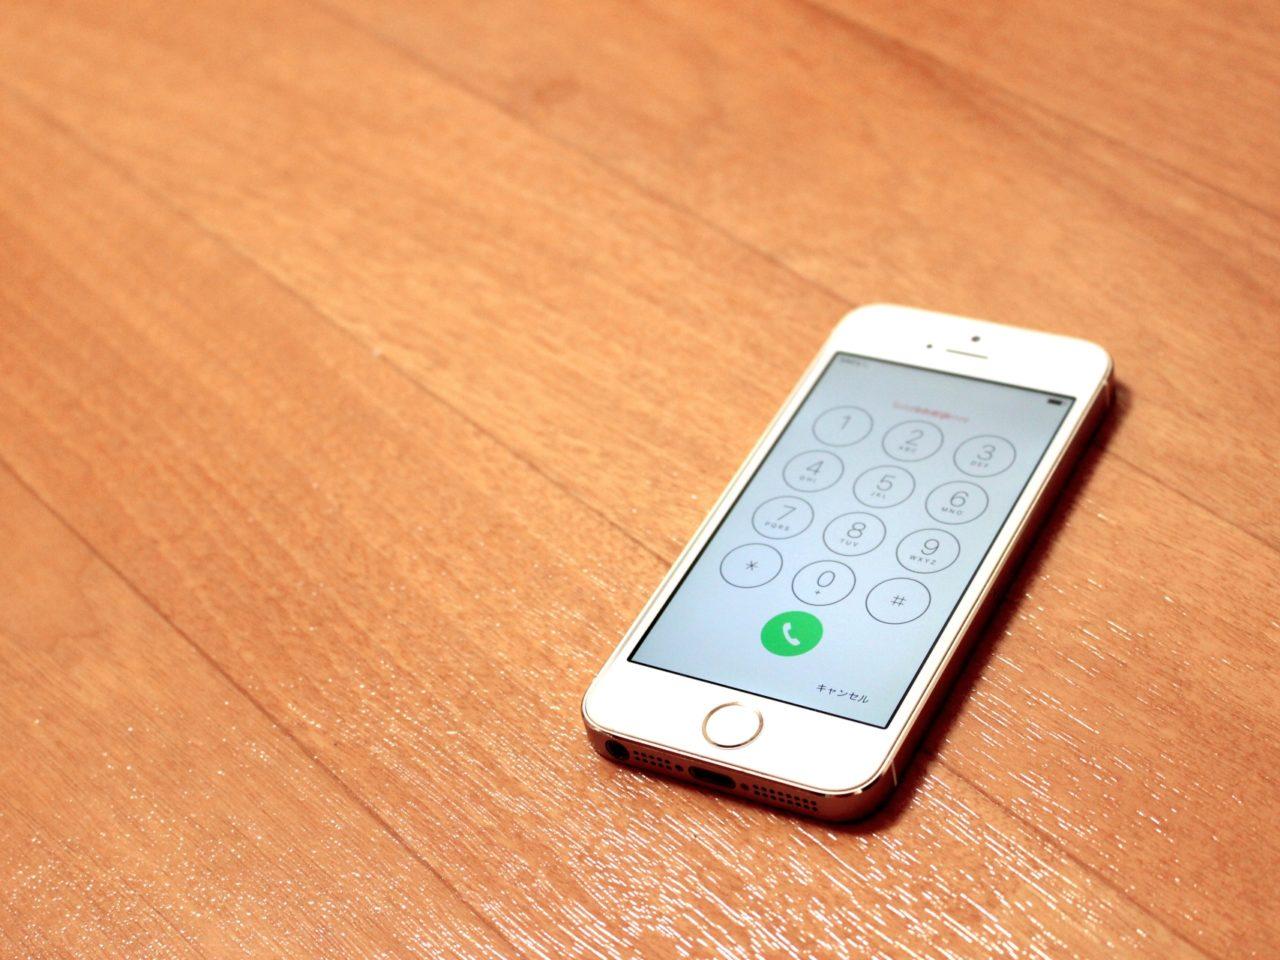 iOS14のiPhoneの着信画面をバナーから全画面に戻す方法は?のサムネイル画像